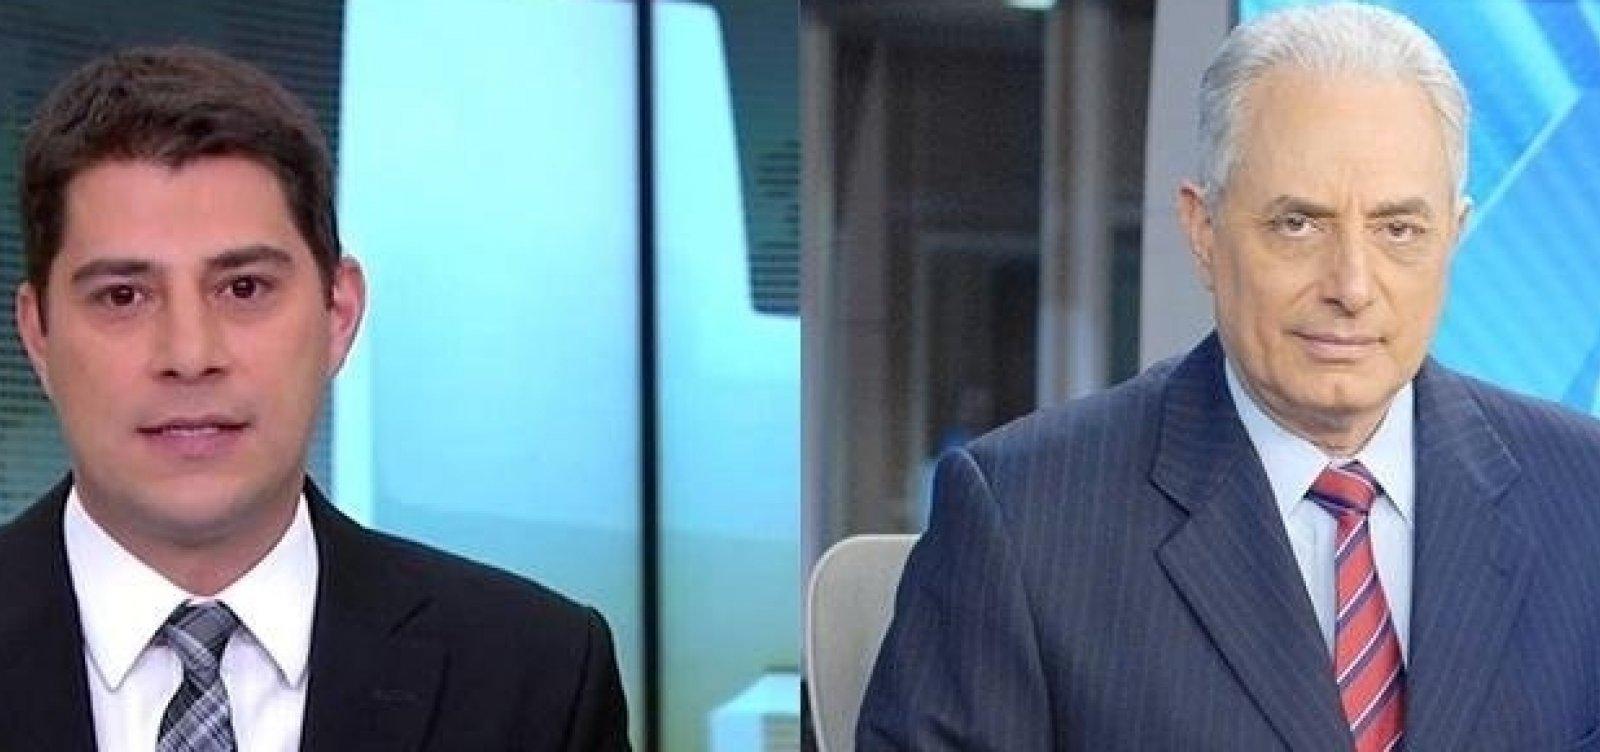 [Evaristo Costa e William Waack são os primeiros âncoras contratados pela CNN Brasil]